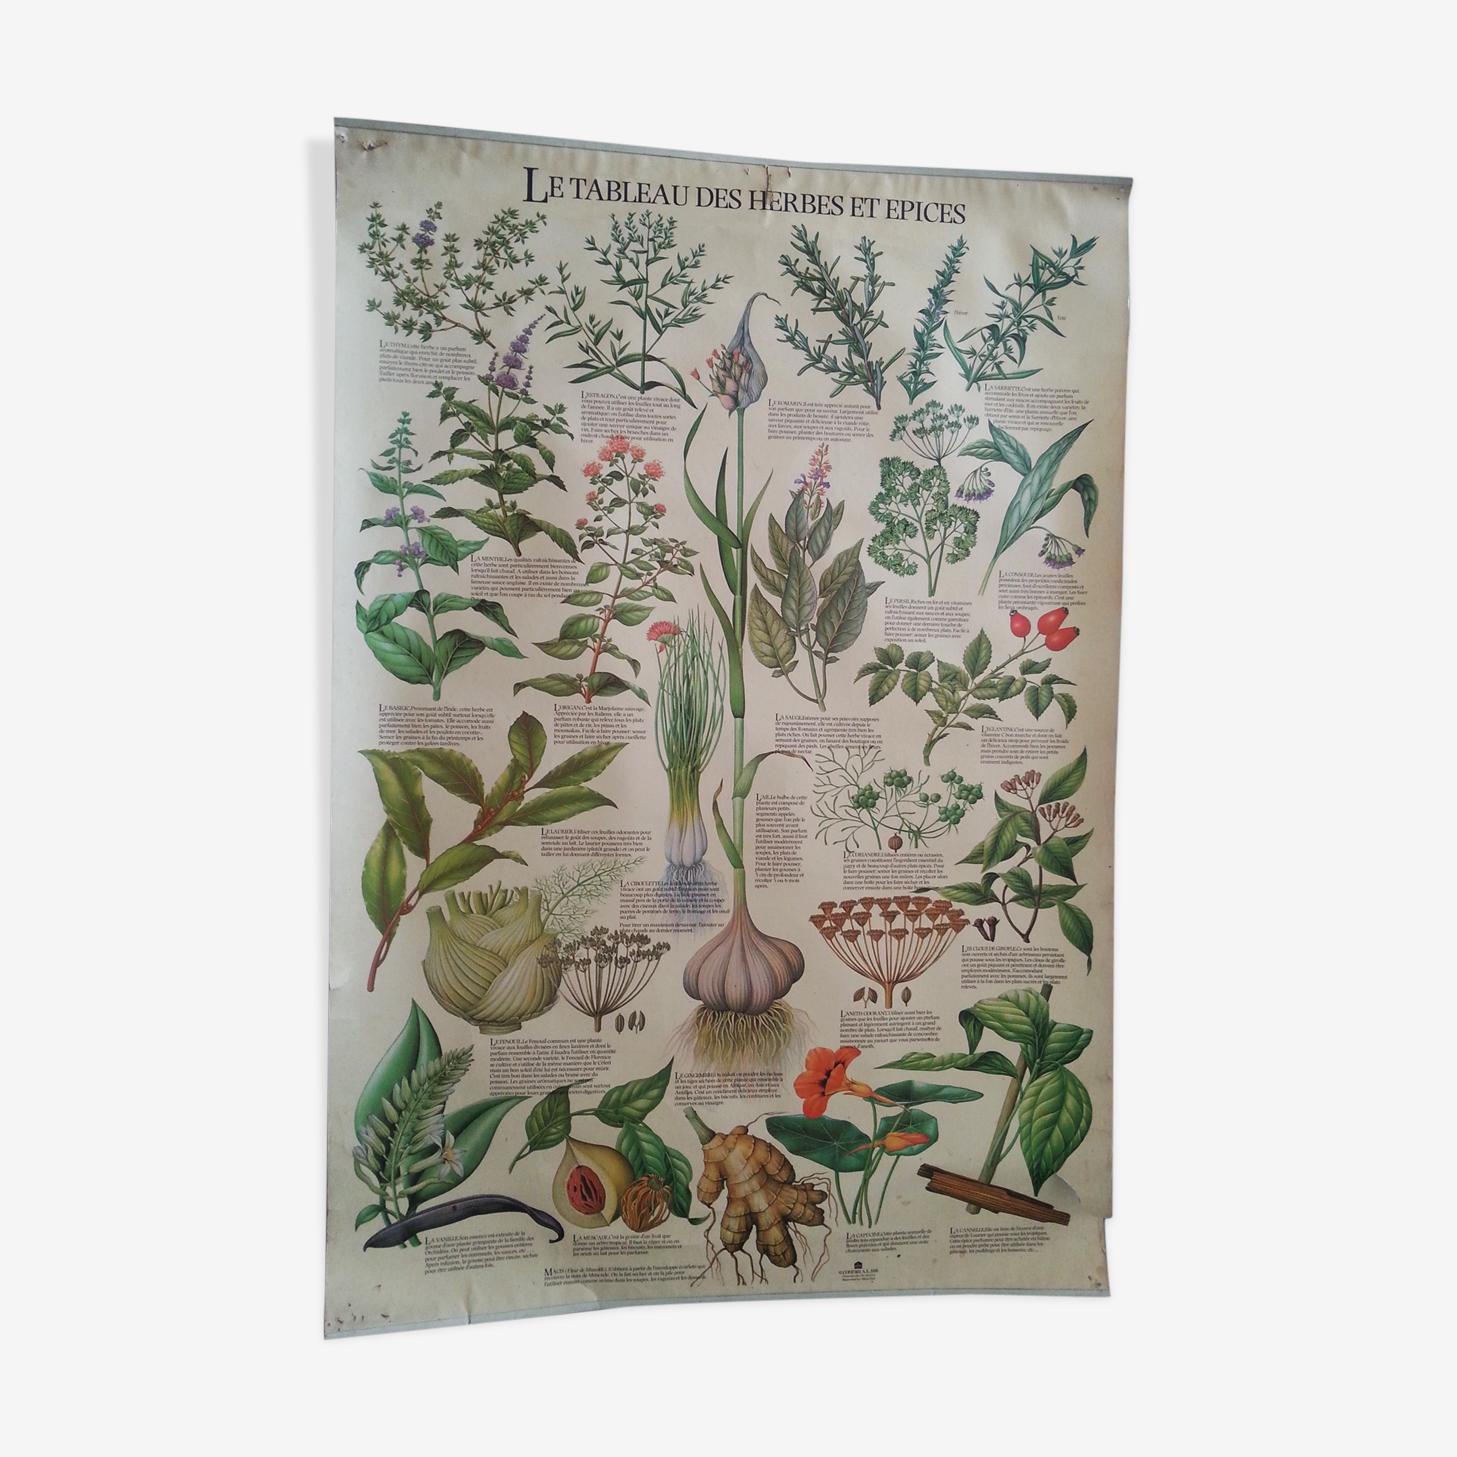 1978 botanical vintage poster